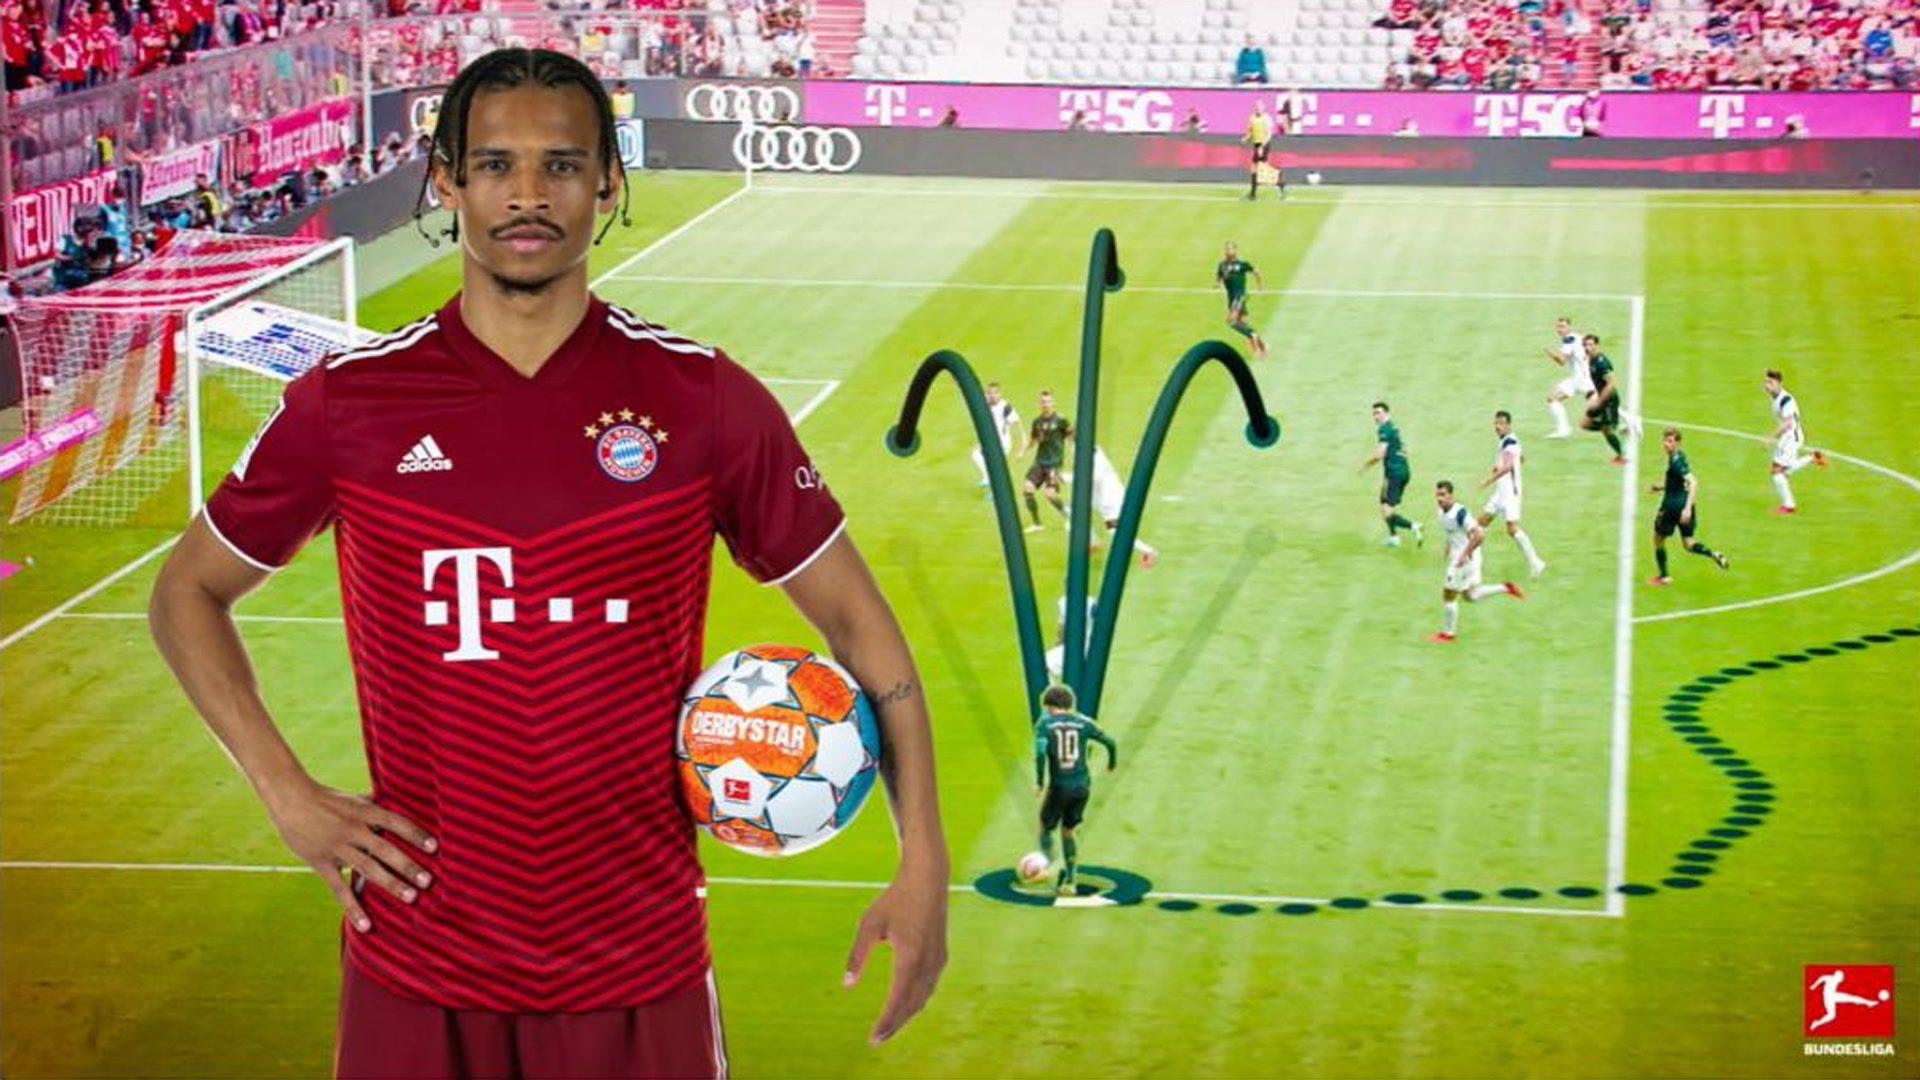 Endlich angekommen: Leroy Sane trumpft bei Bayern auf